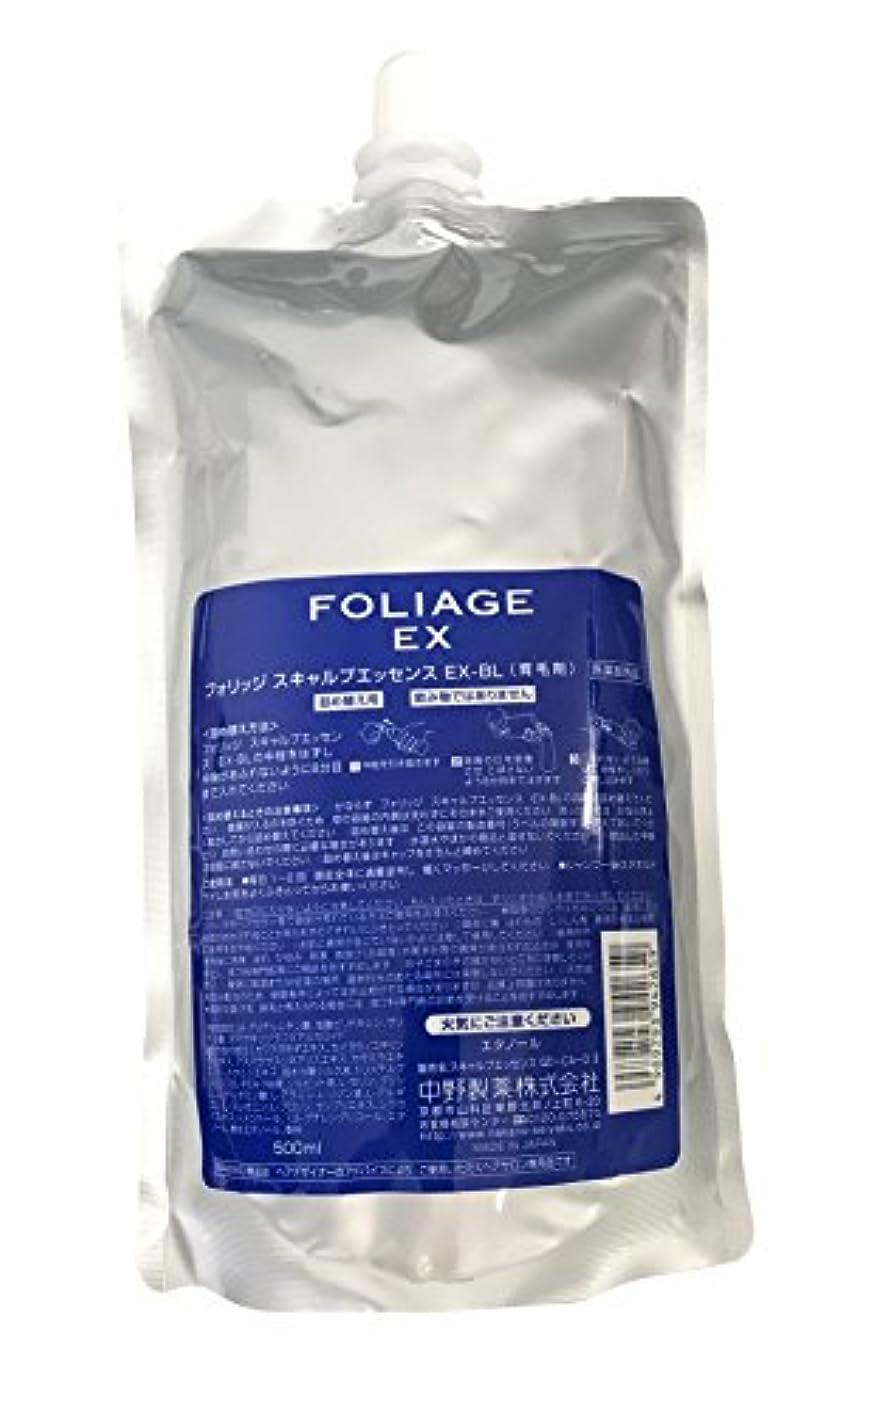 憧れランタンバンド中野製薬 フォリッジ スキャルプエッセンス EX-BL 500ml [医薬部外品]